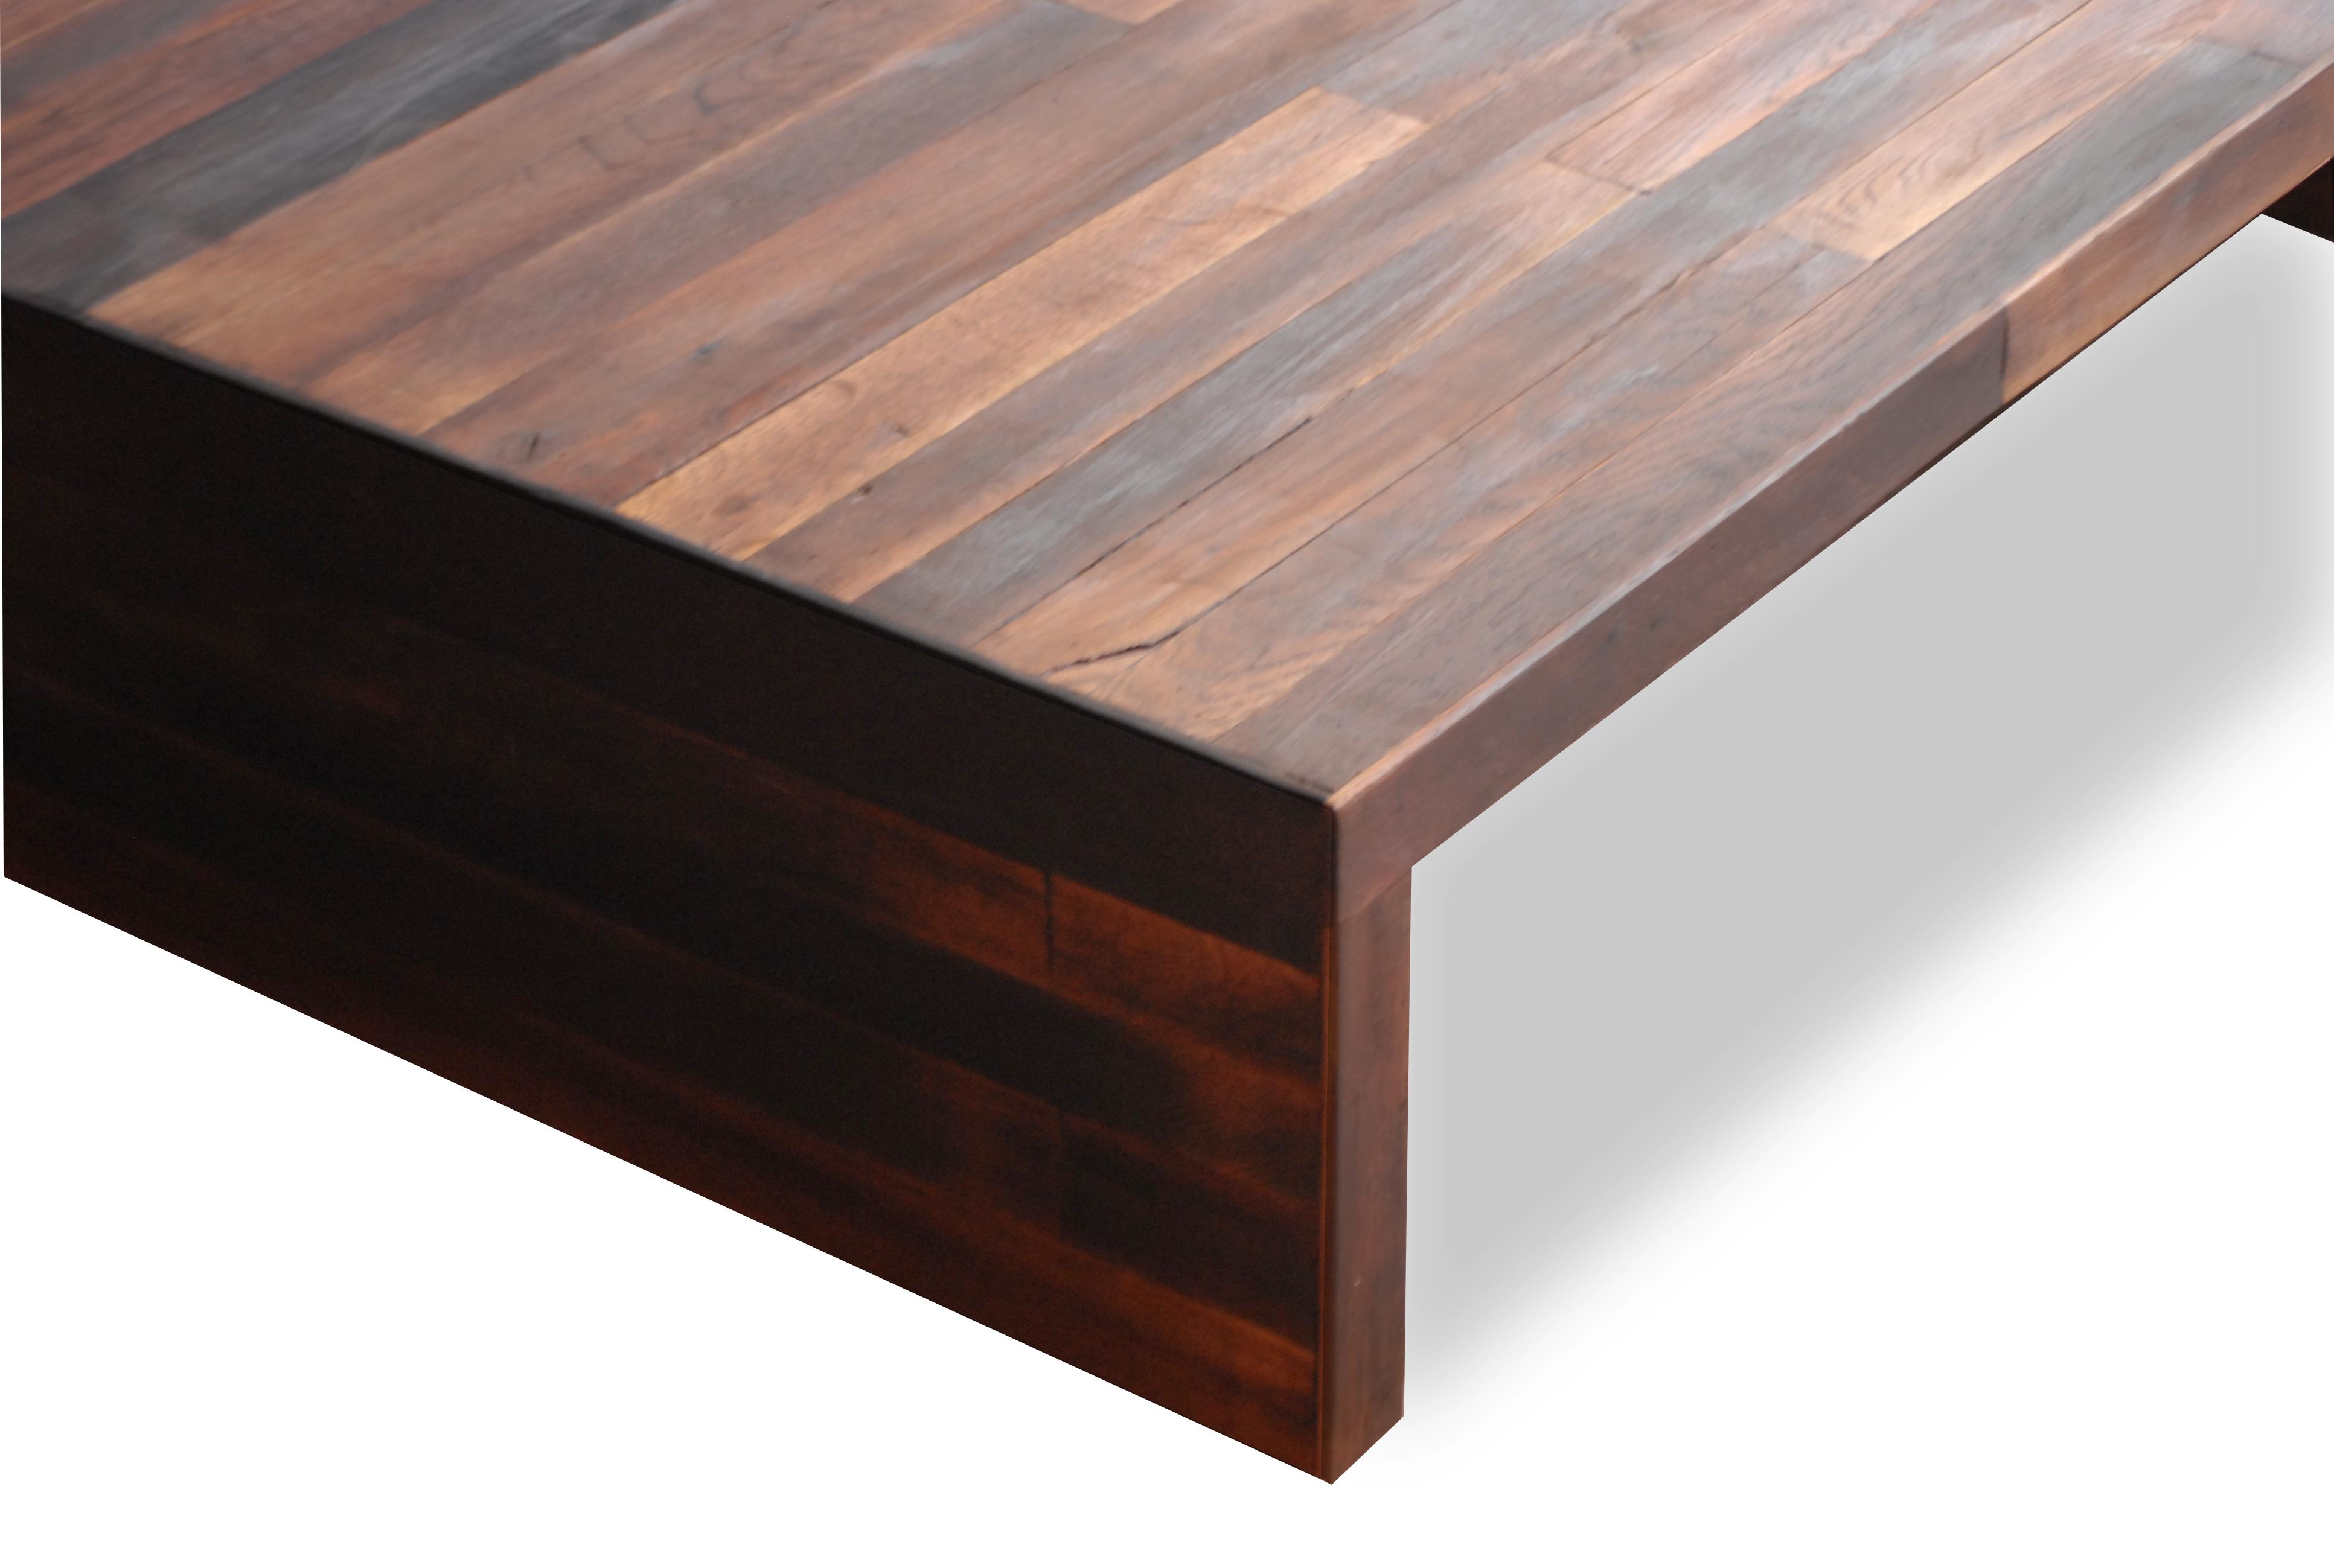 Muebles en duela aymae creado en chile for Muebles contemporaneos chile